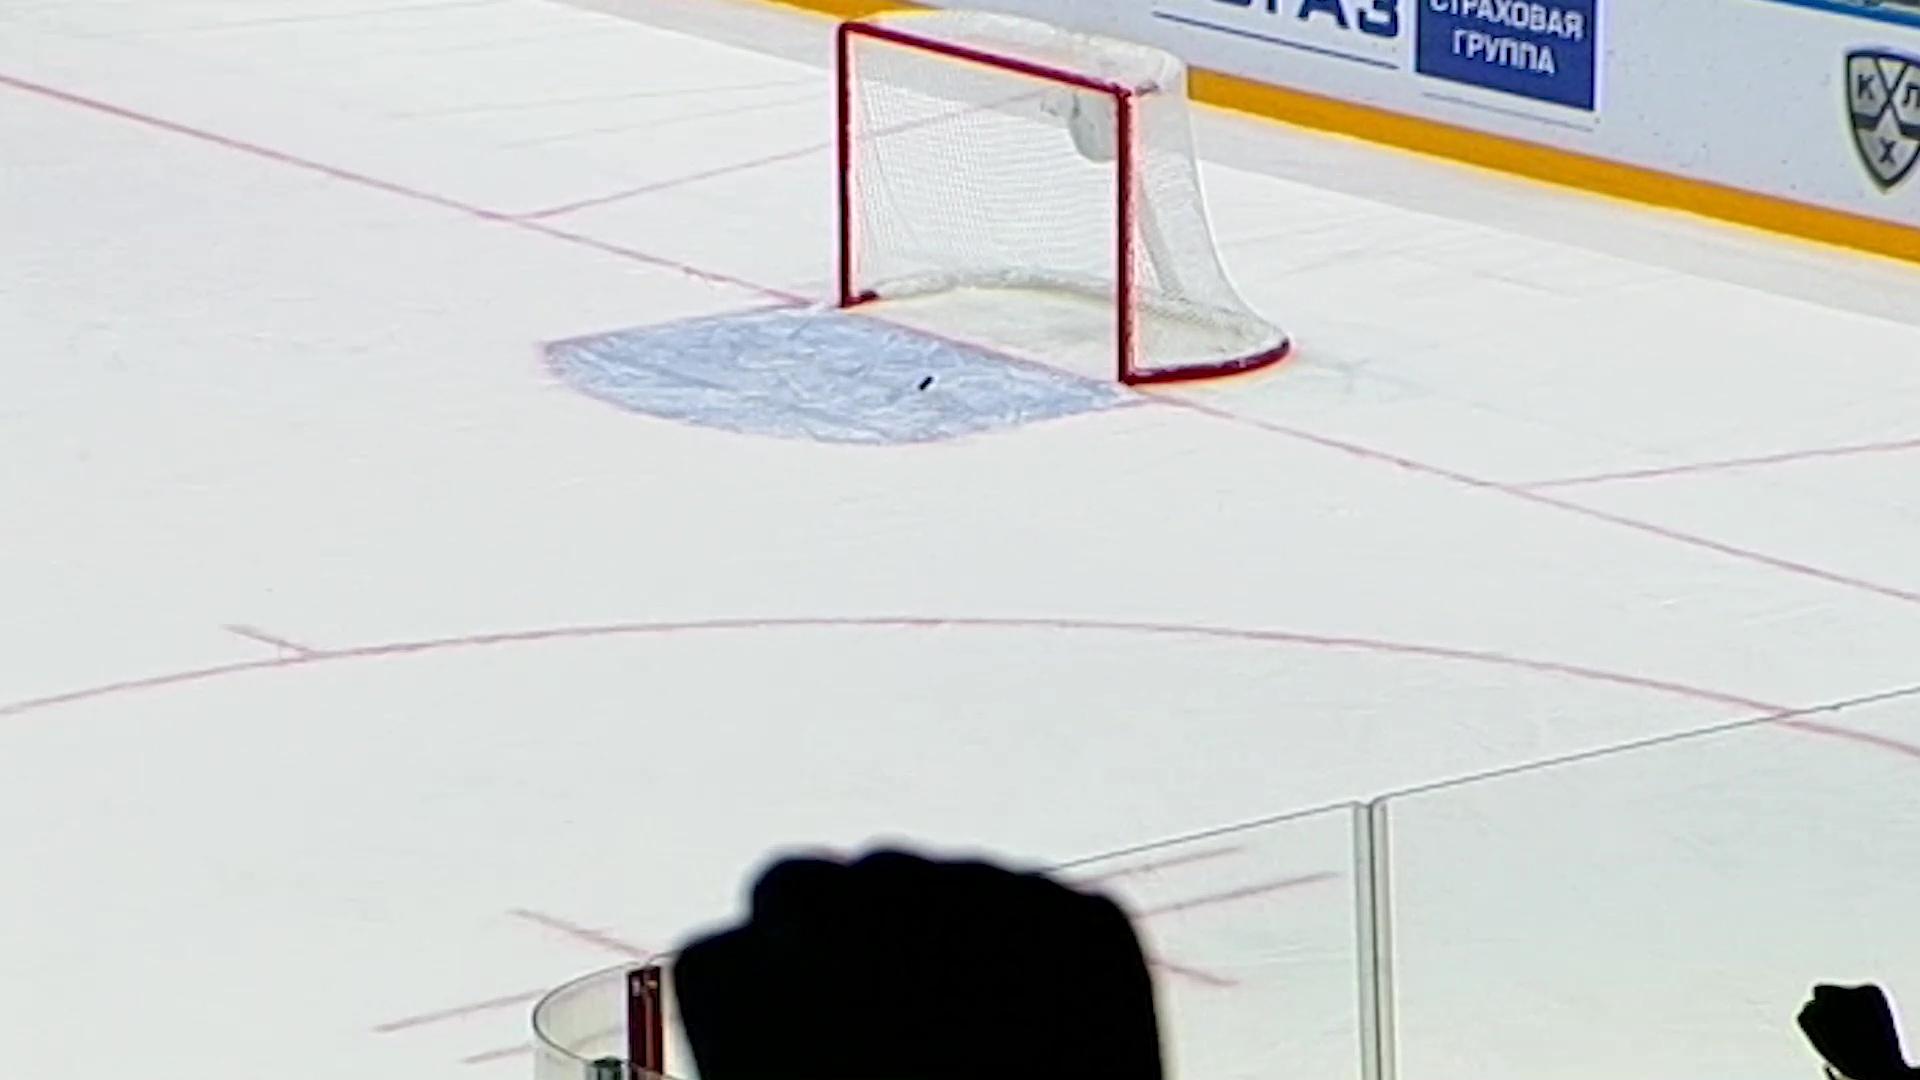 Нападающий «Локомотива» стал лучшим в своем амплуа на прошедшей неделе в КХЛ